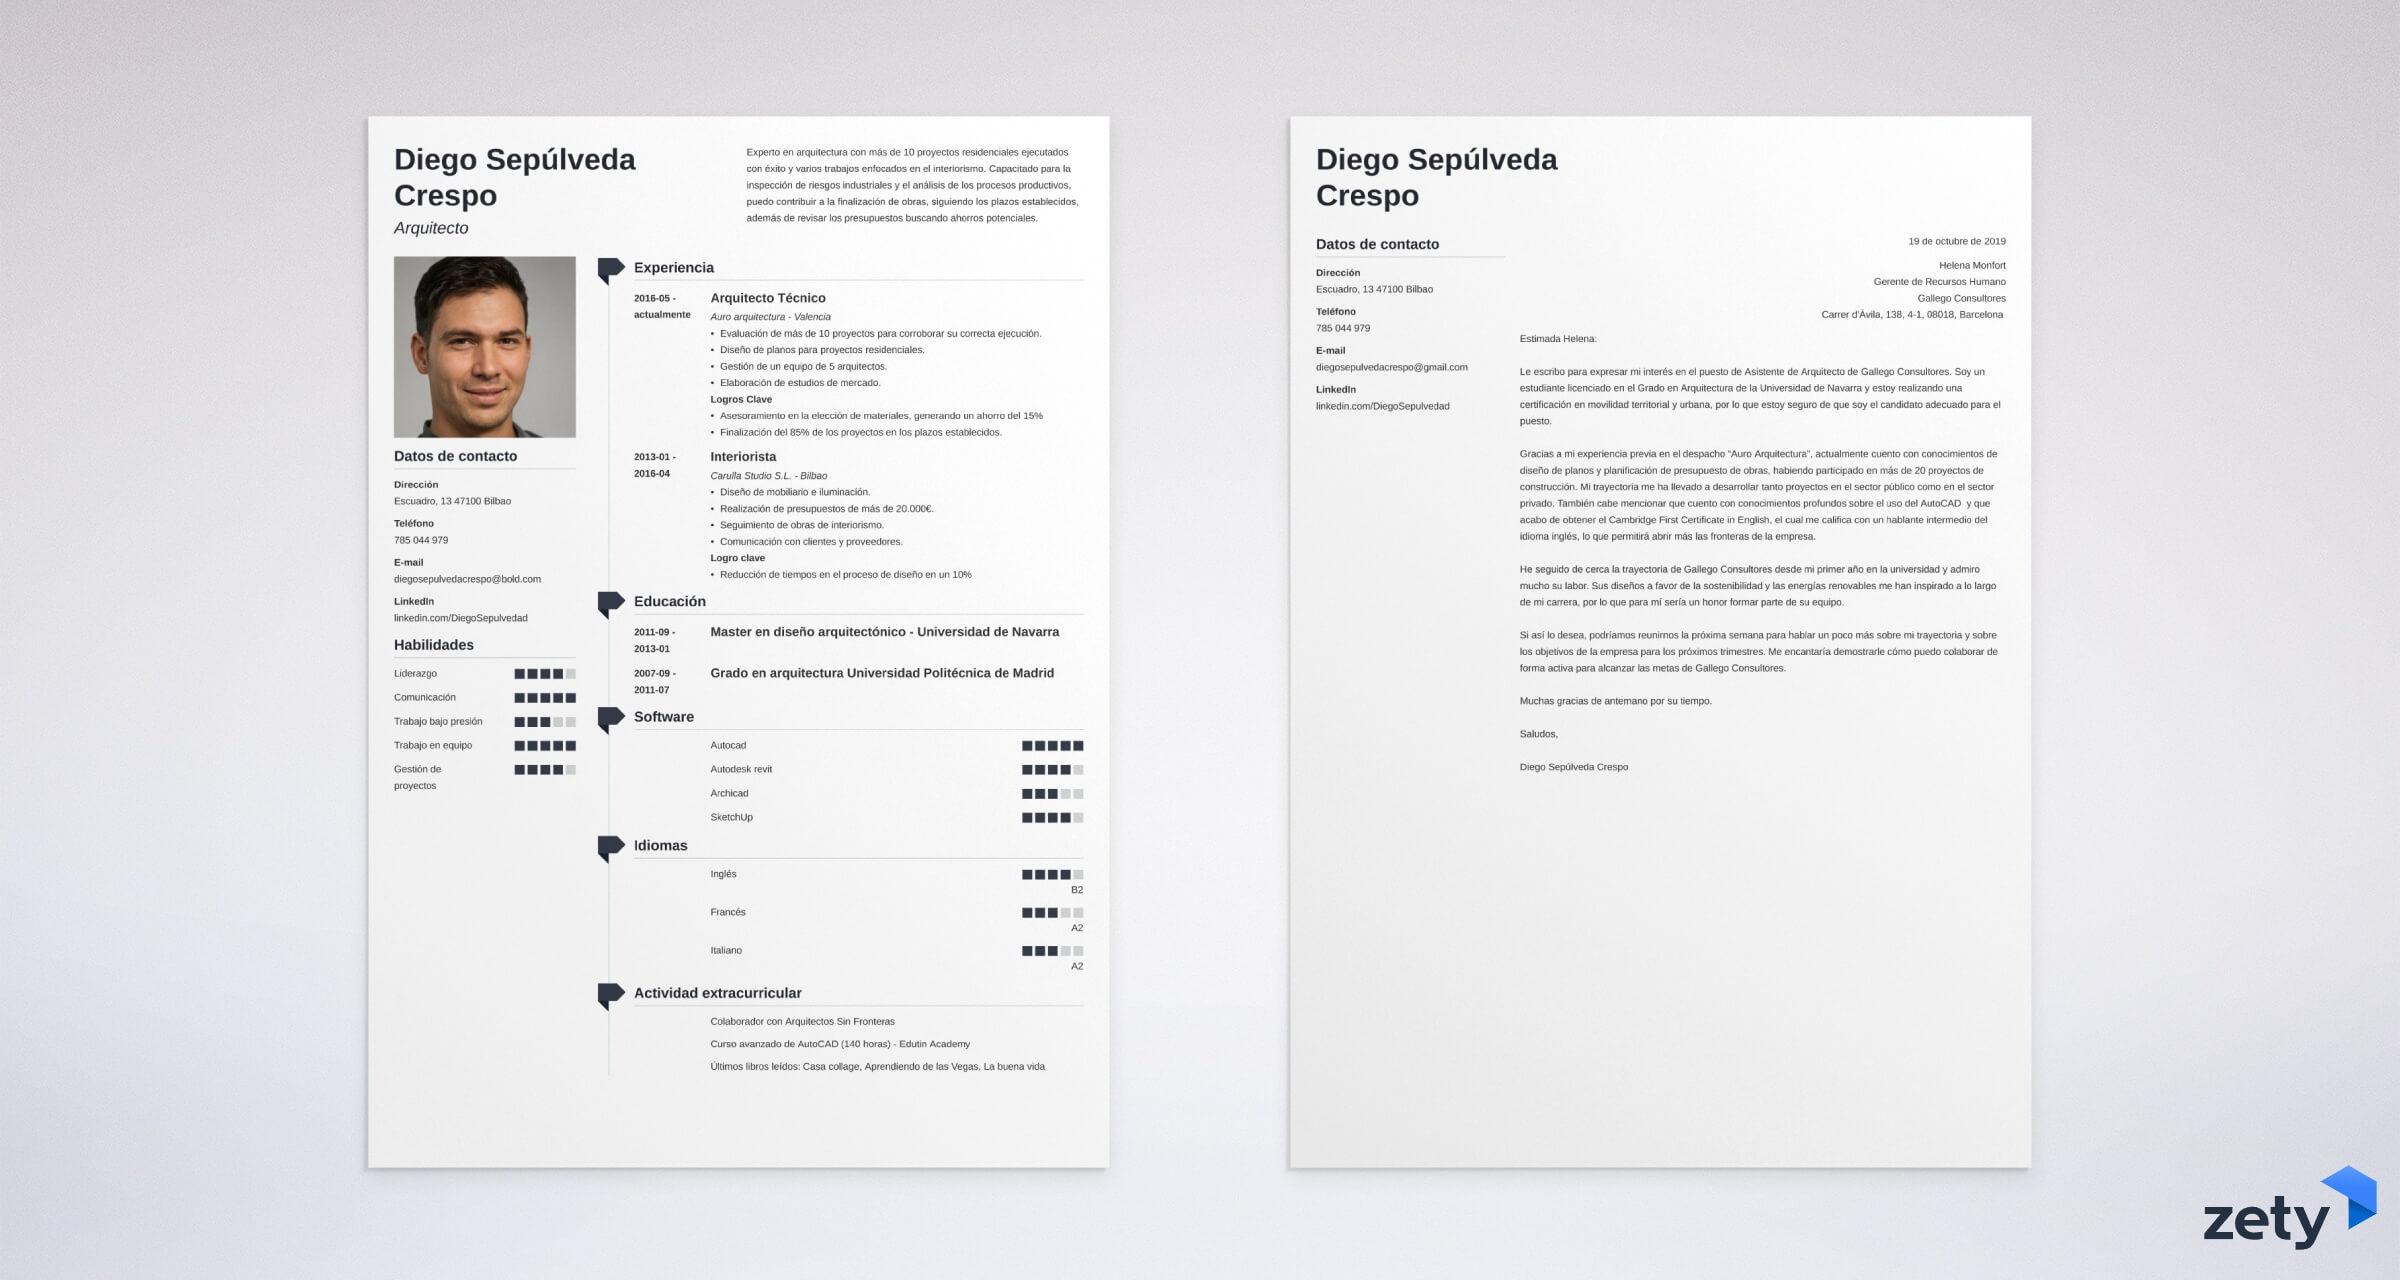 Carta De Presentación Corta Y Sencilla Guía Completa Ejemplos